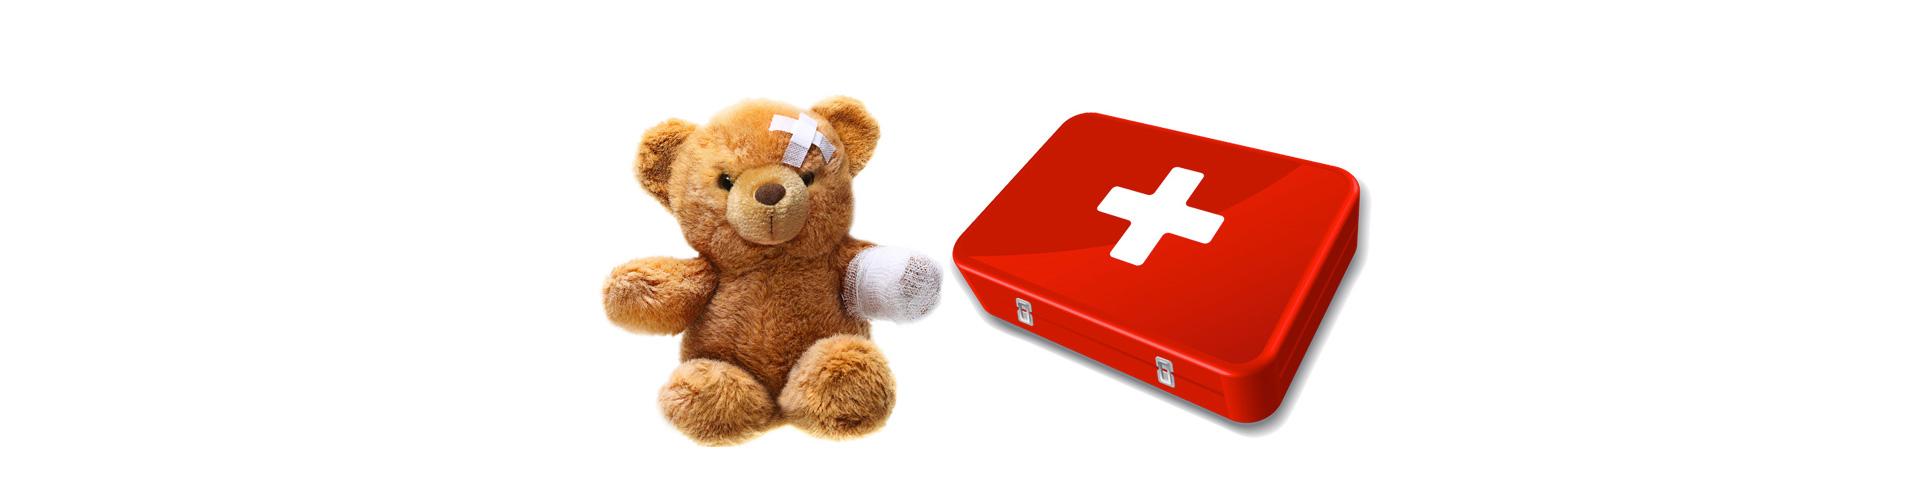 Kieferorthopädie Dr. Hellak SOS Erste Hilfe bei Beschwerden